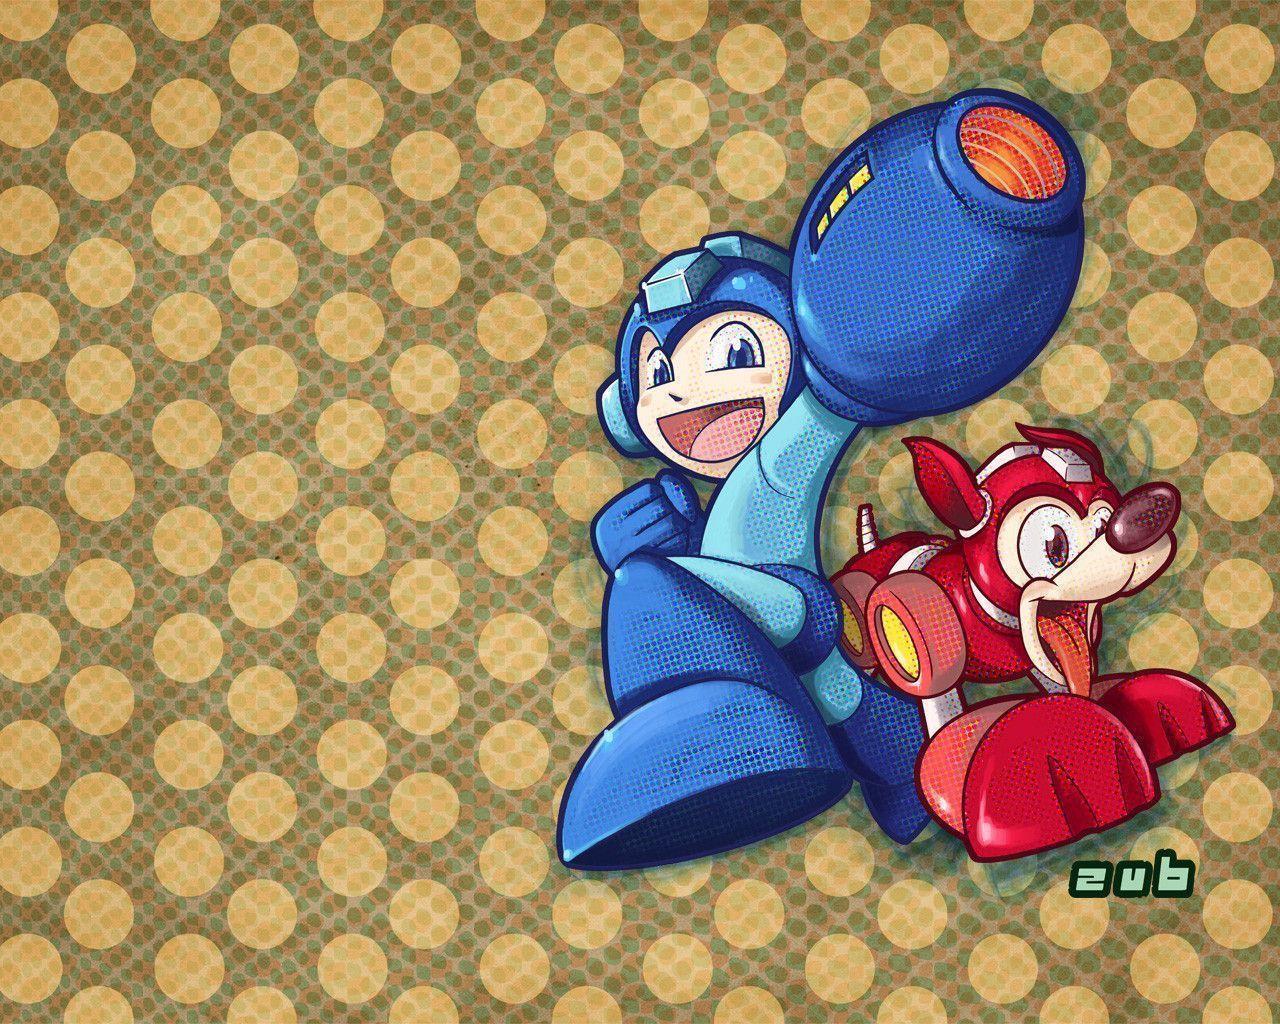 Mega Man Wallpapers - Wallpaper Cave